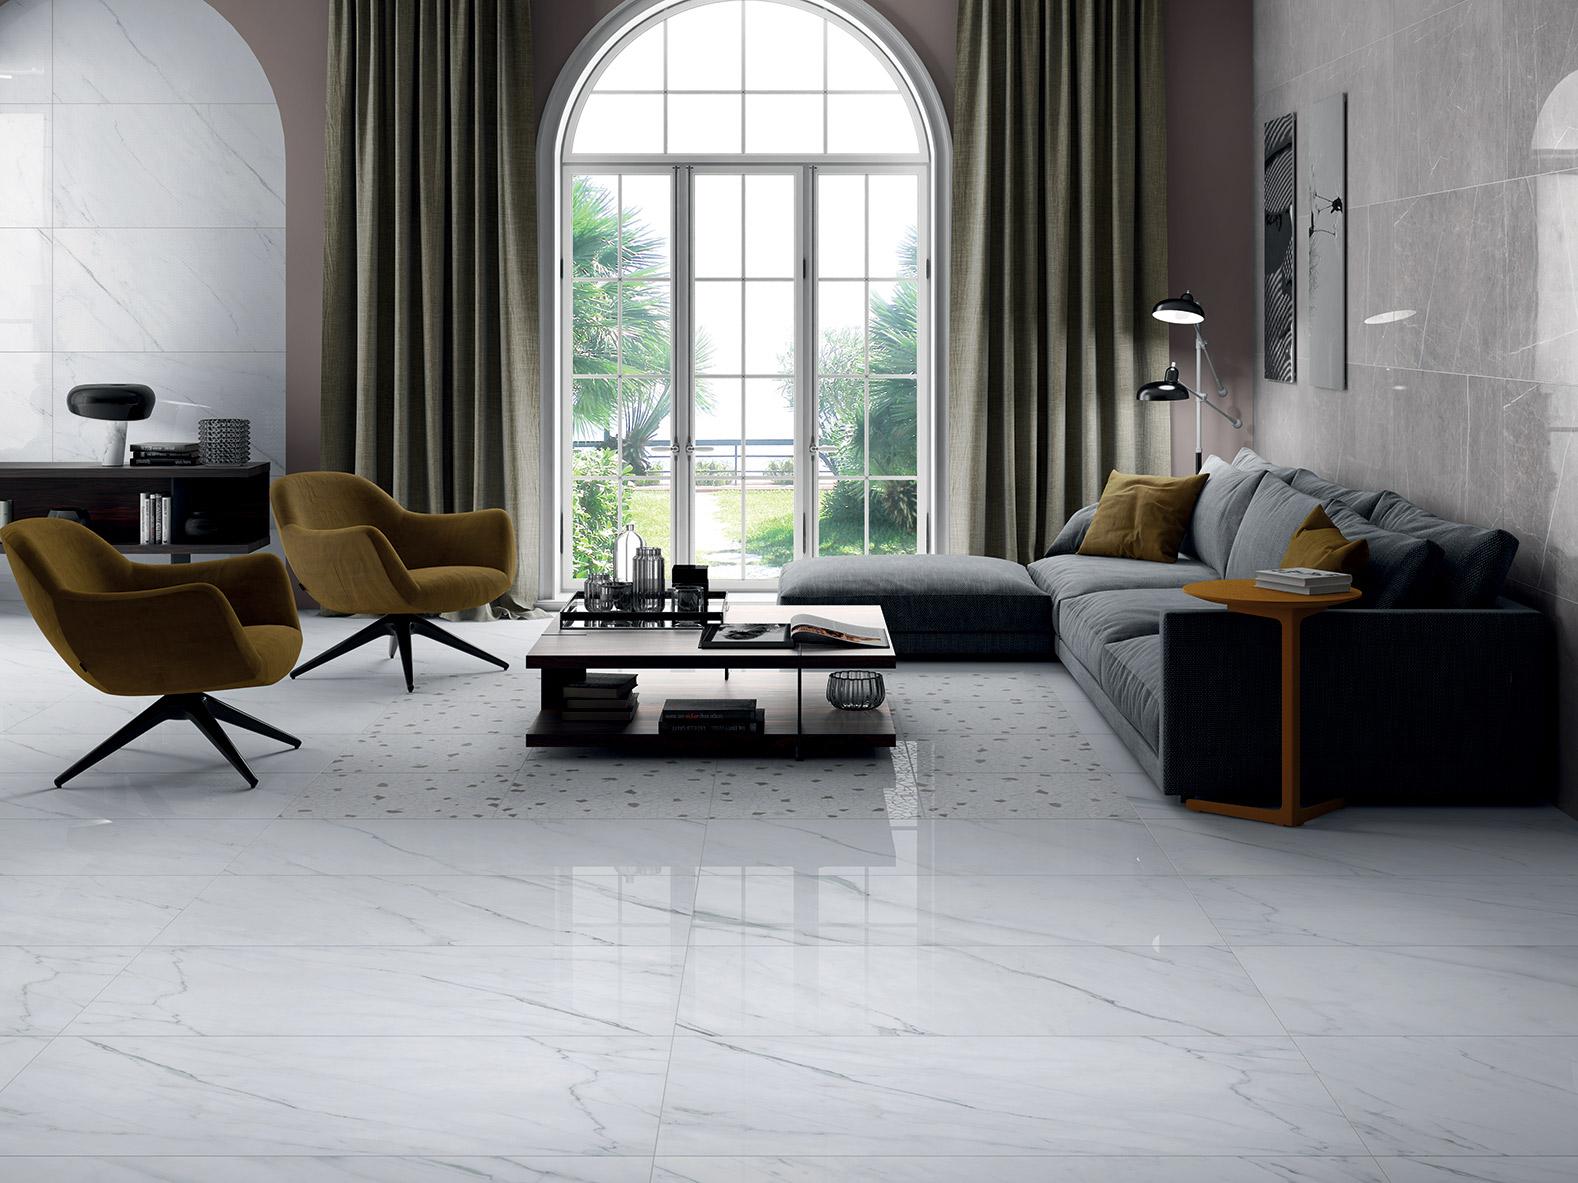 Posa Parquet Orizzontale O Verticale il gres e l'effetto marmorizzato: un rivestimento possibile